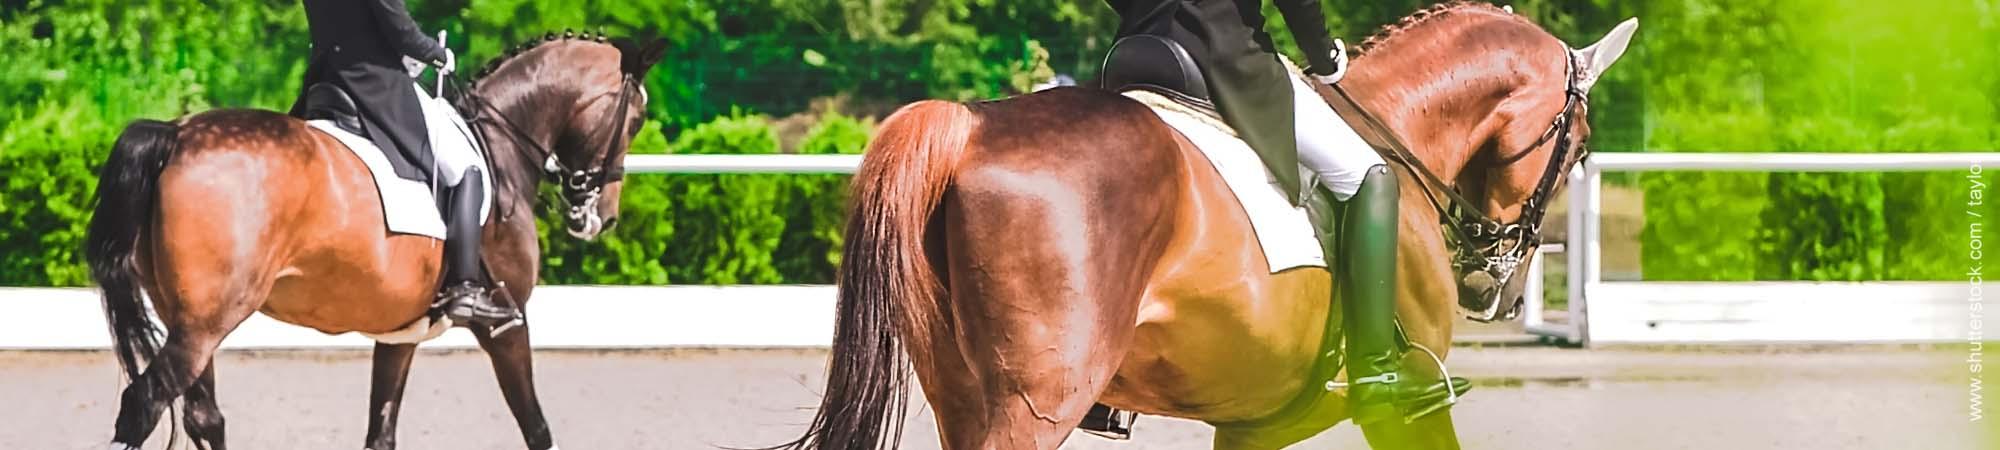 Wieviel Gewicht darf ein Pferd tragen?